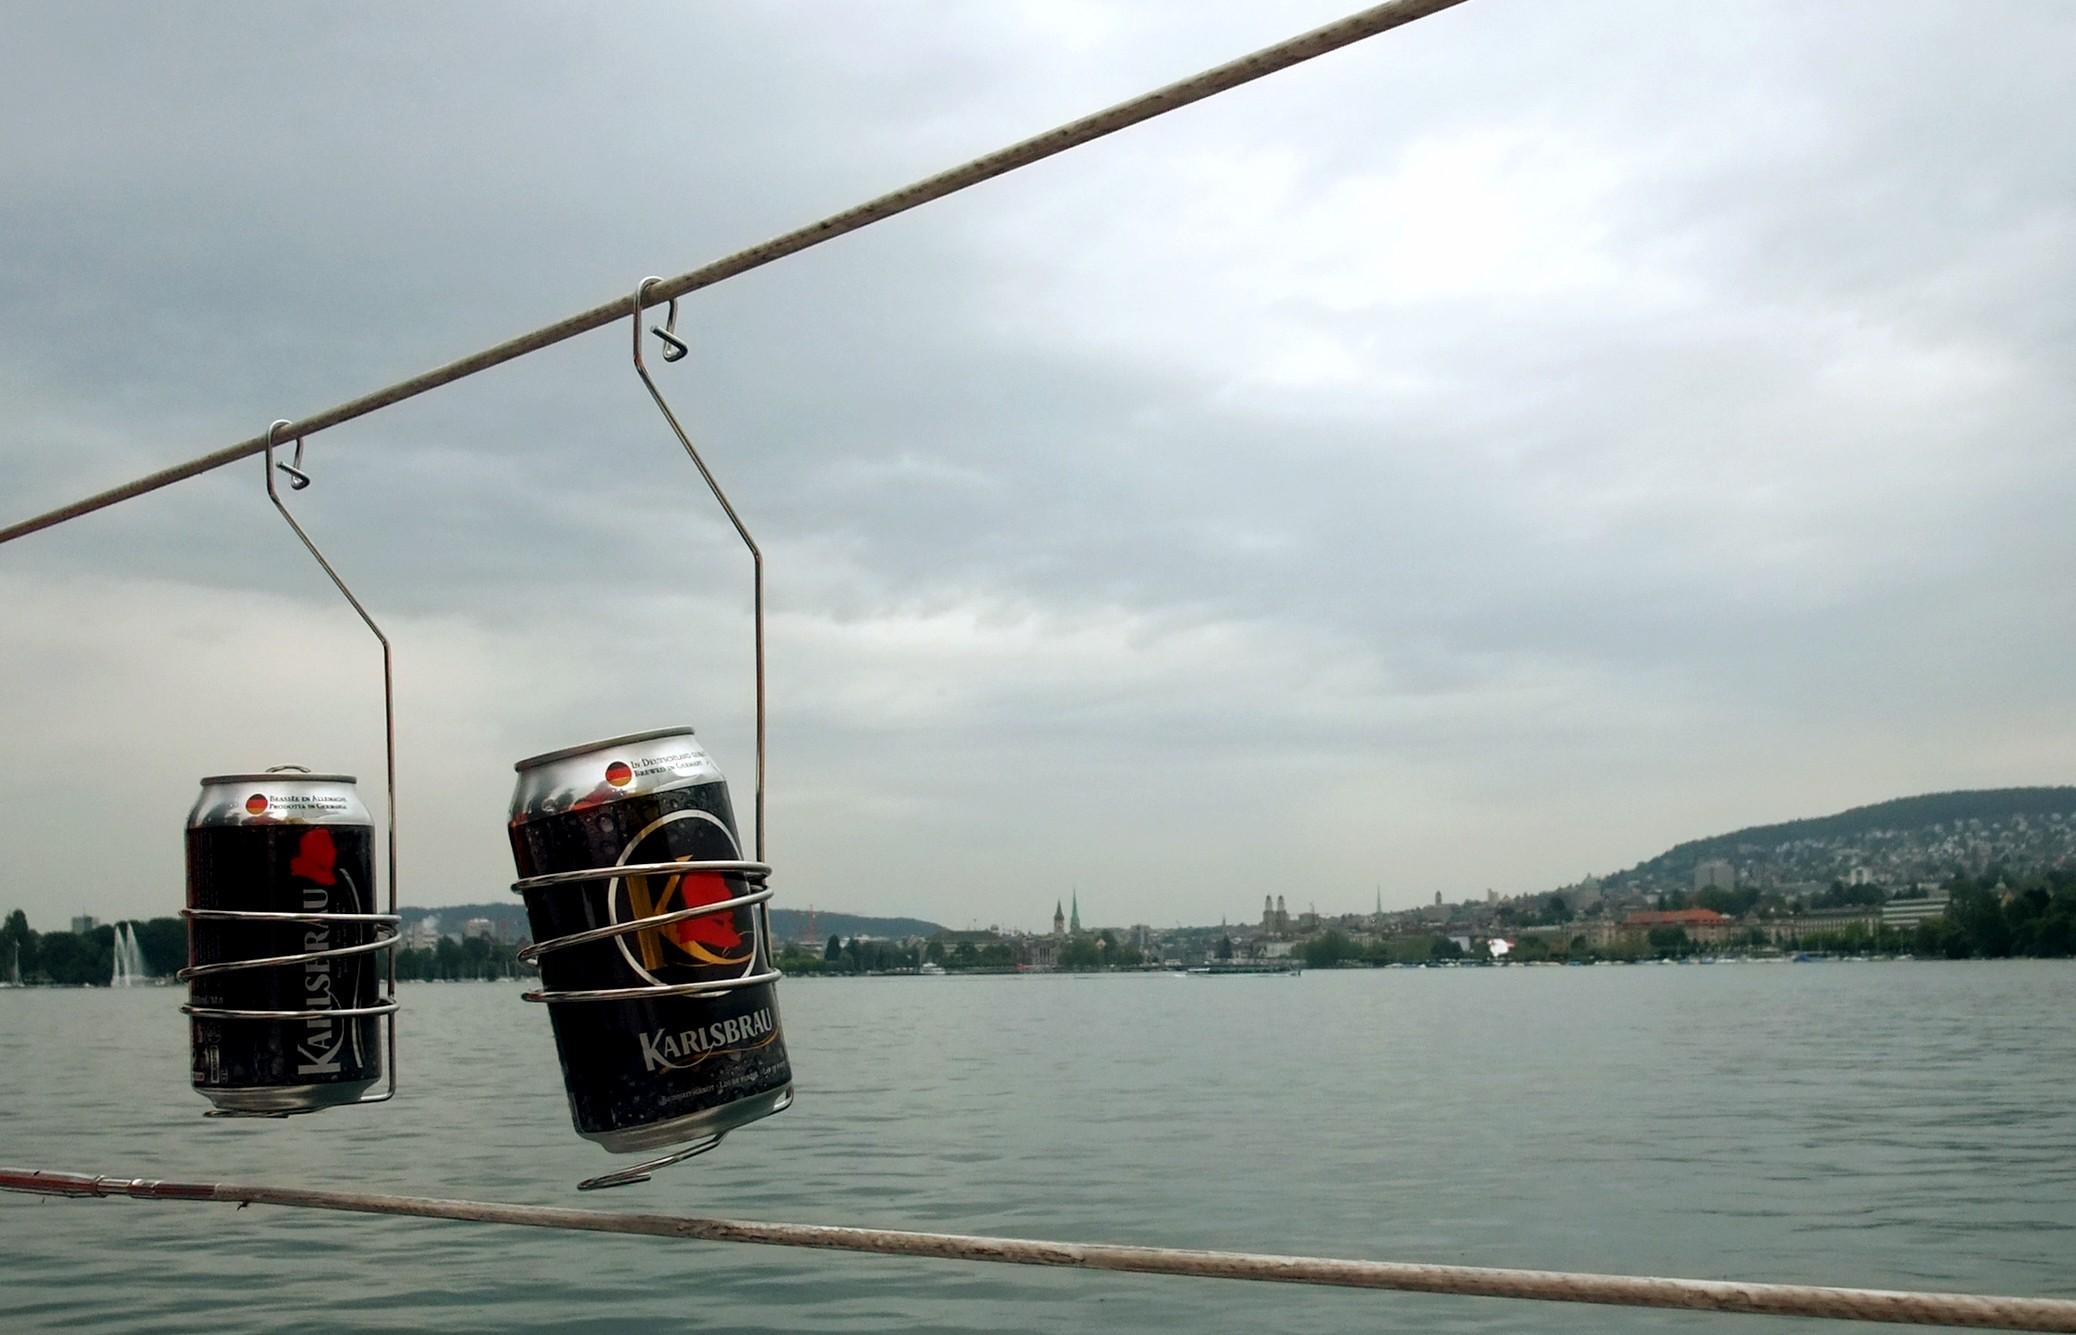 Begleiterscheinungen des Segelns. Deutsches Bier auf dem Zürichsee, pfui.